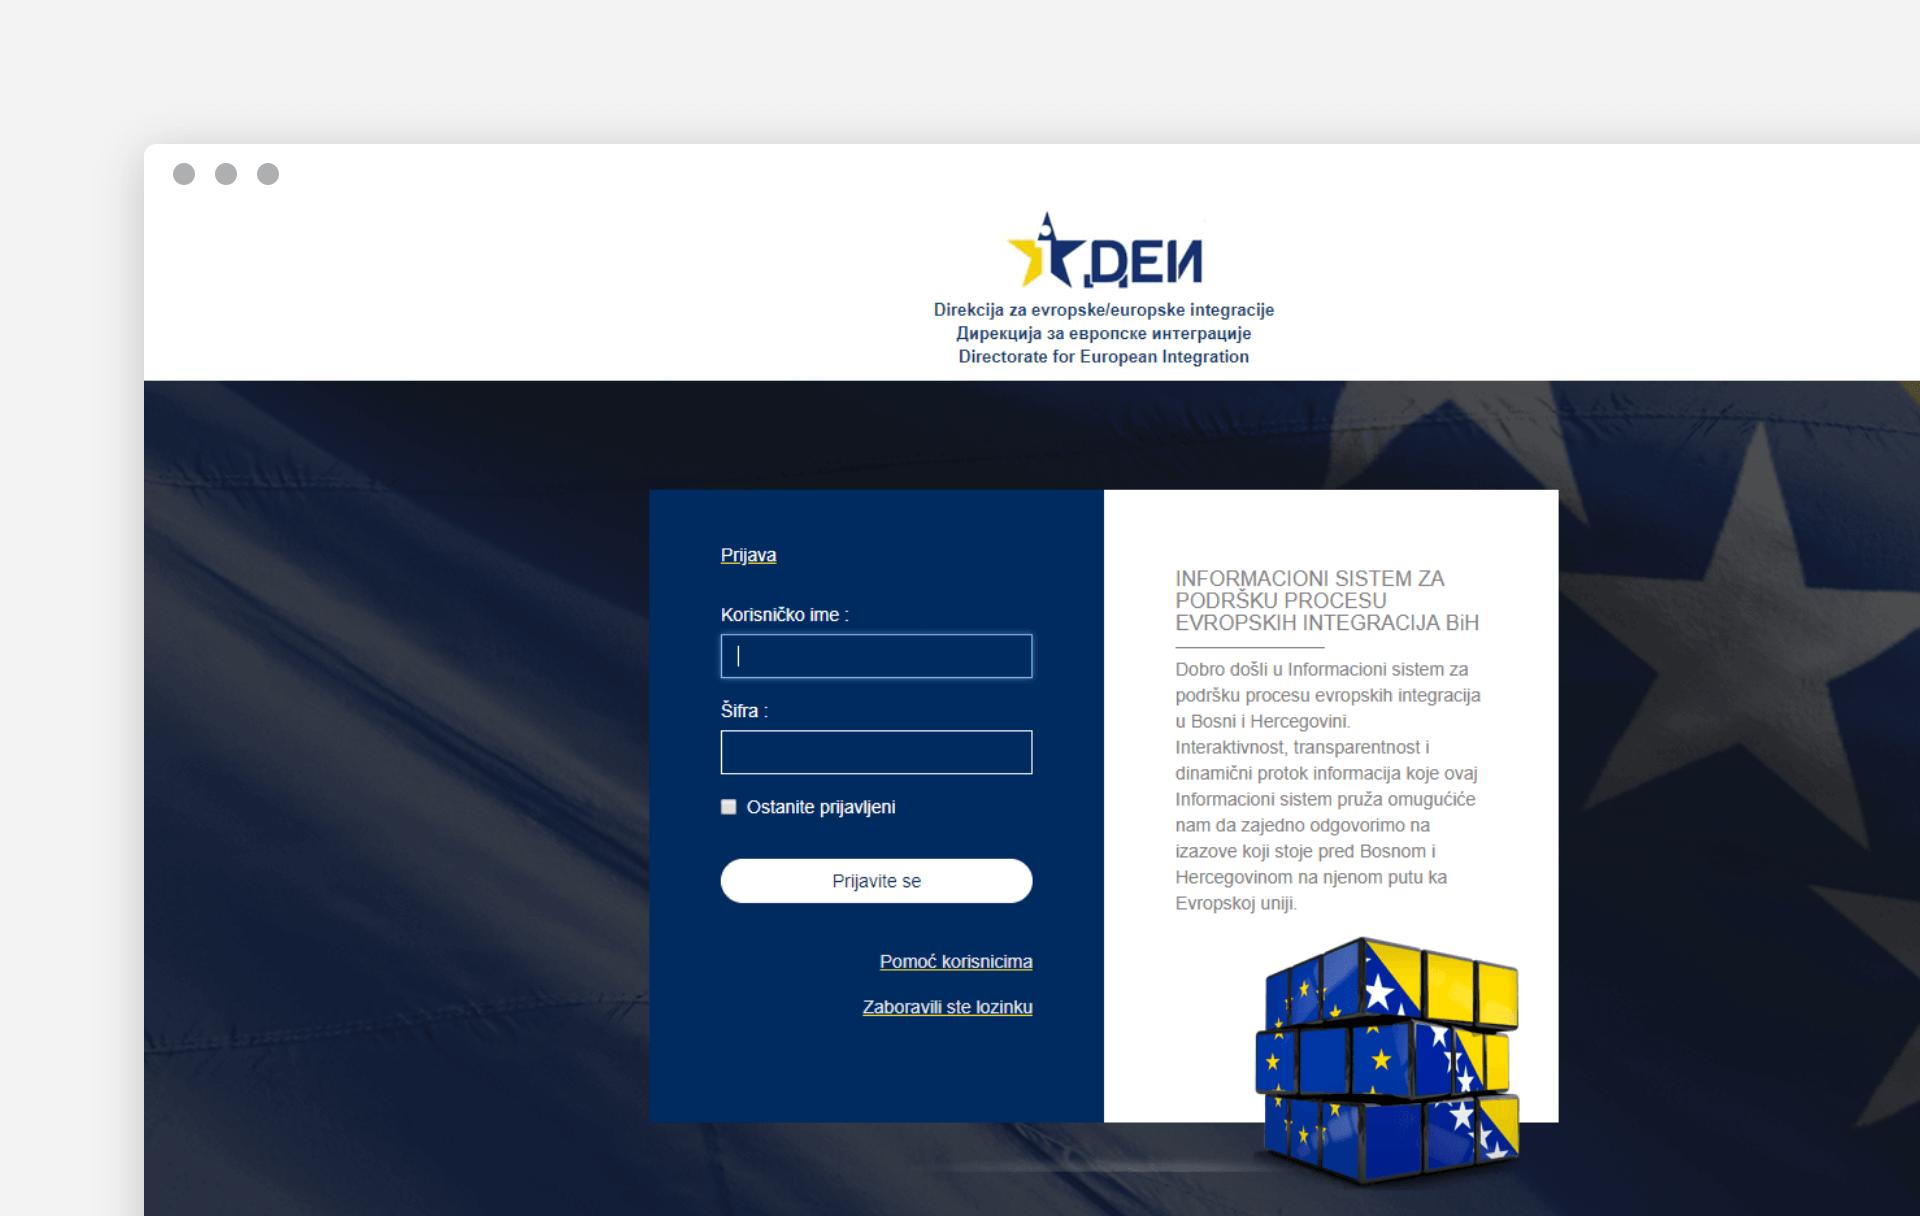 Informacioni sistem za podršku procesu evropskih integracija BiH